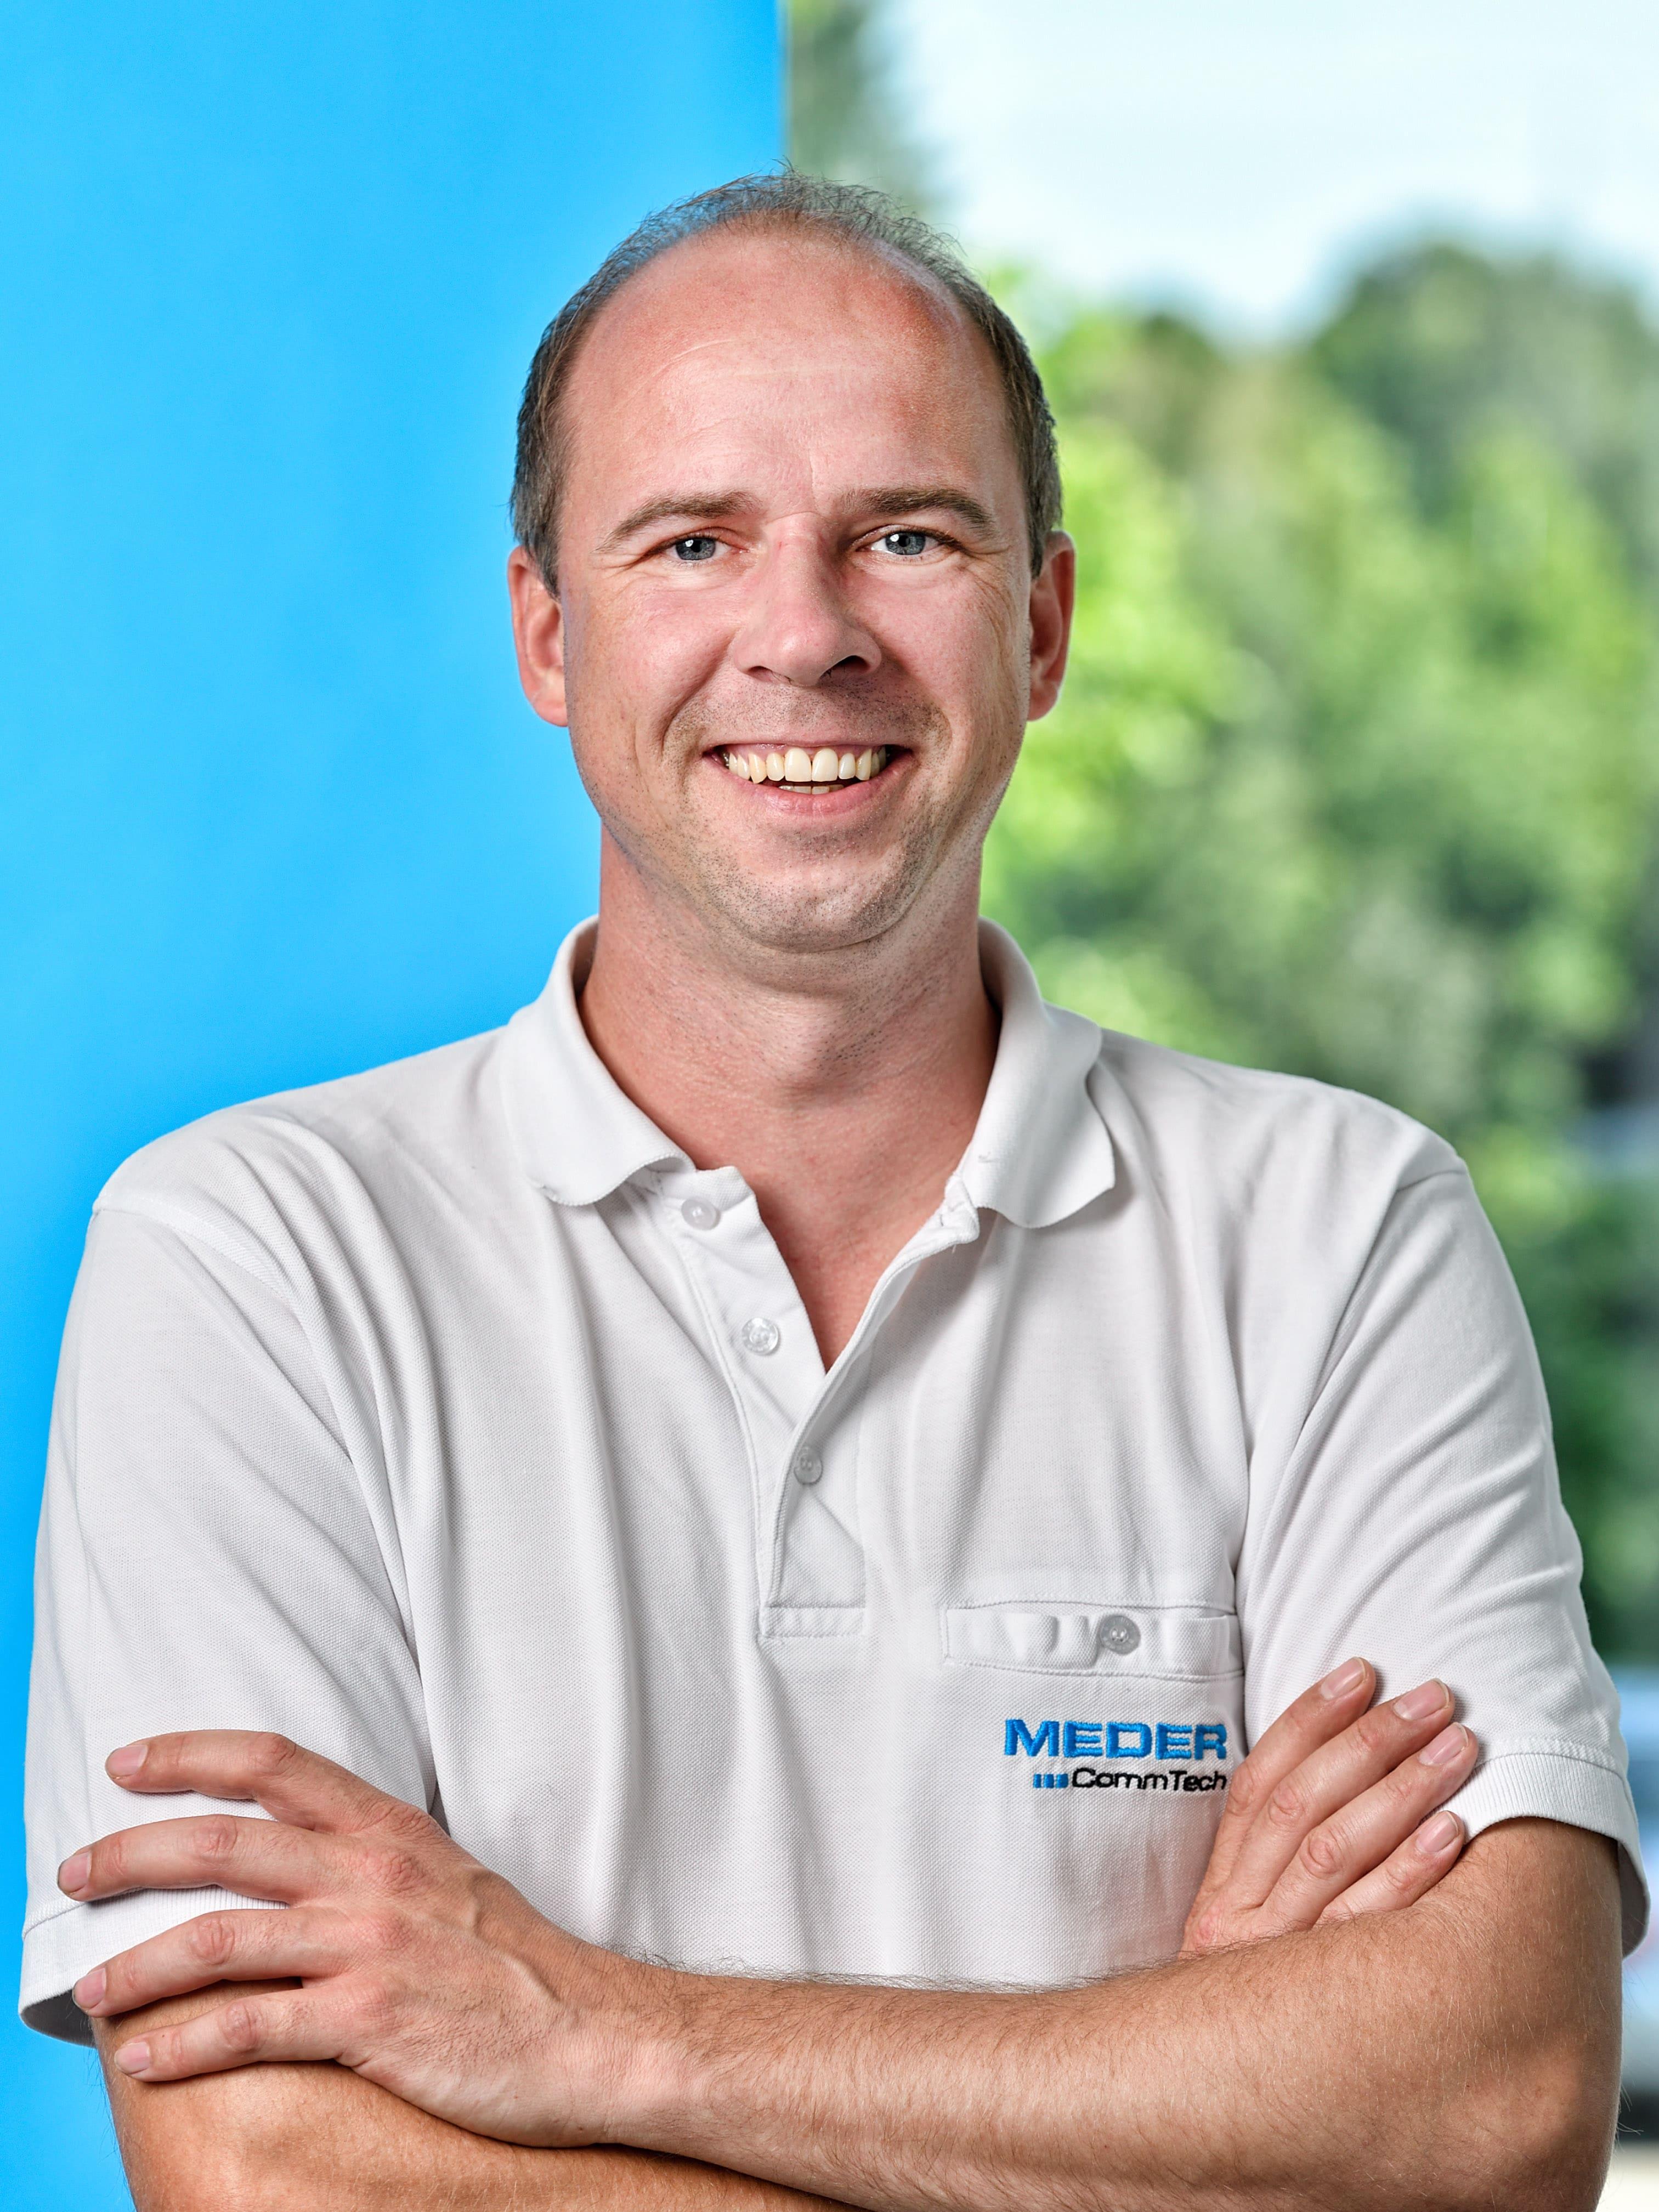 Team MEDER CommTech, MEDER CommTech GmbH